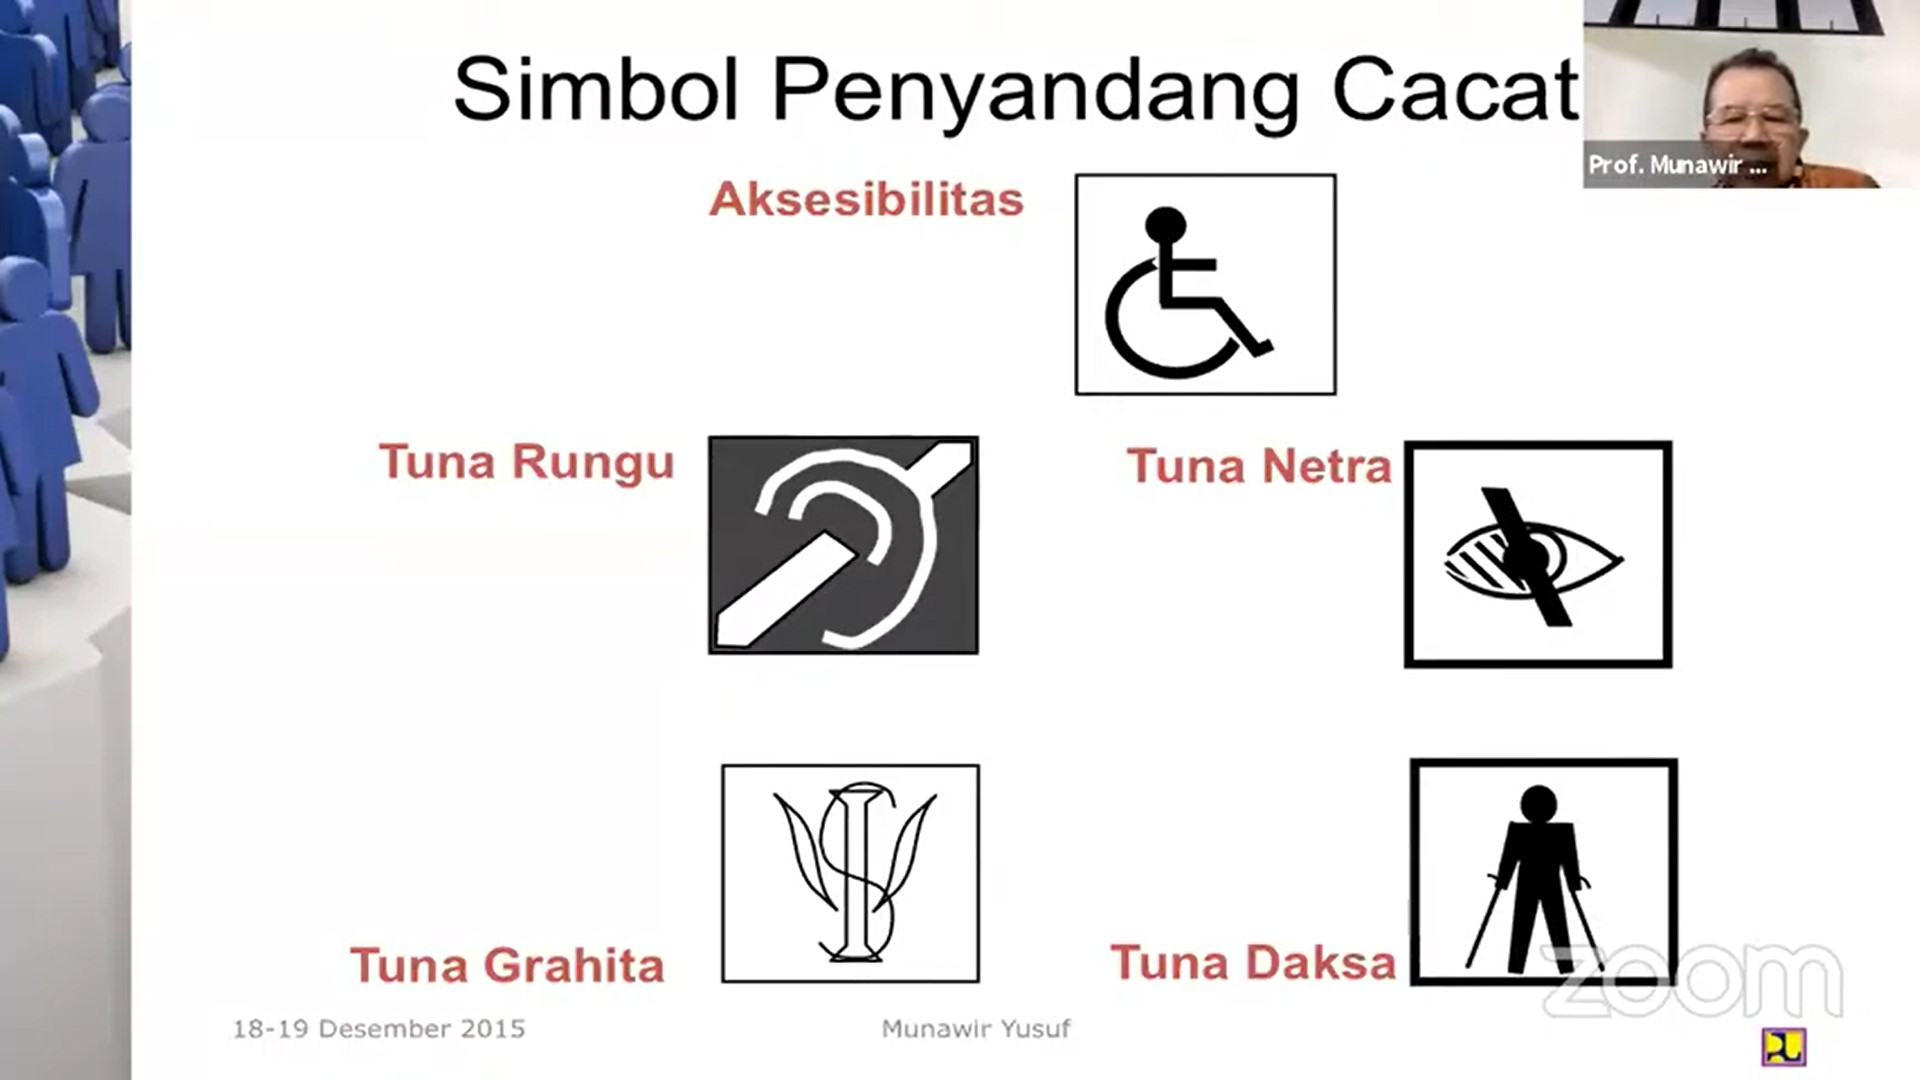 Paparan Prof. Munawir terkait Simbol Penyandang Cacat. Foto: Tangkapan layar presentasi